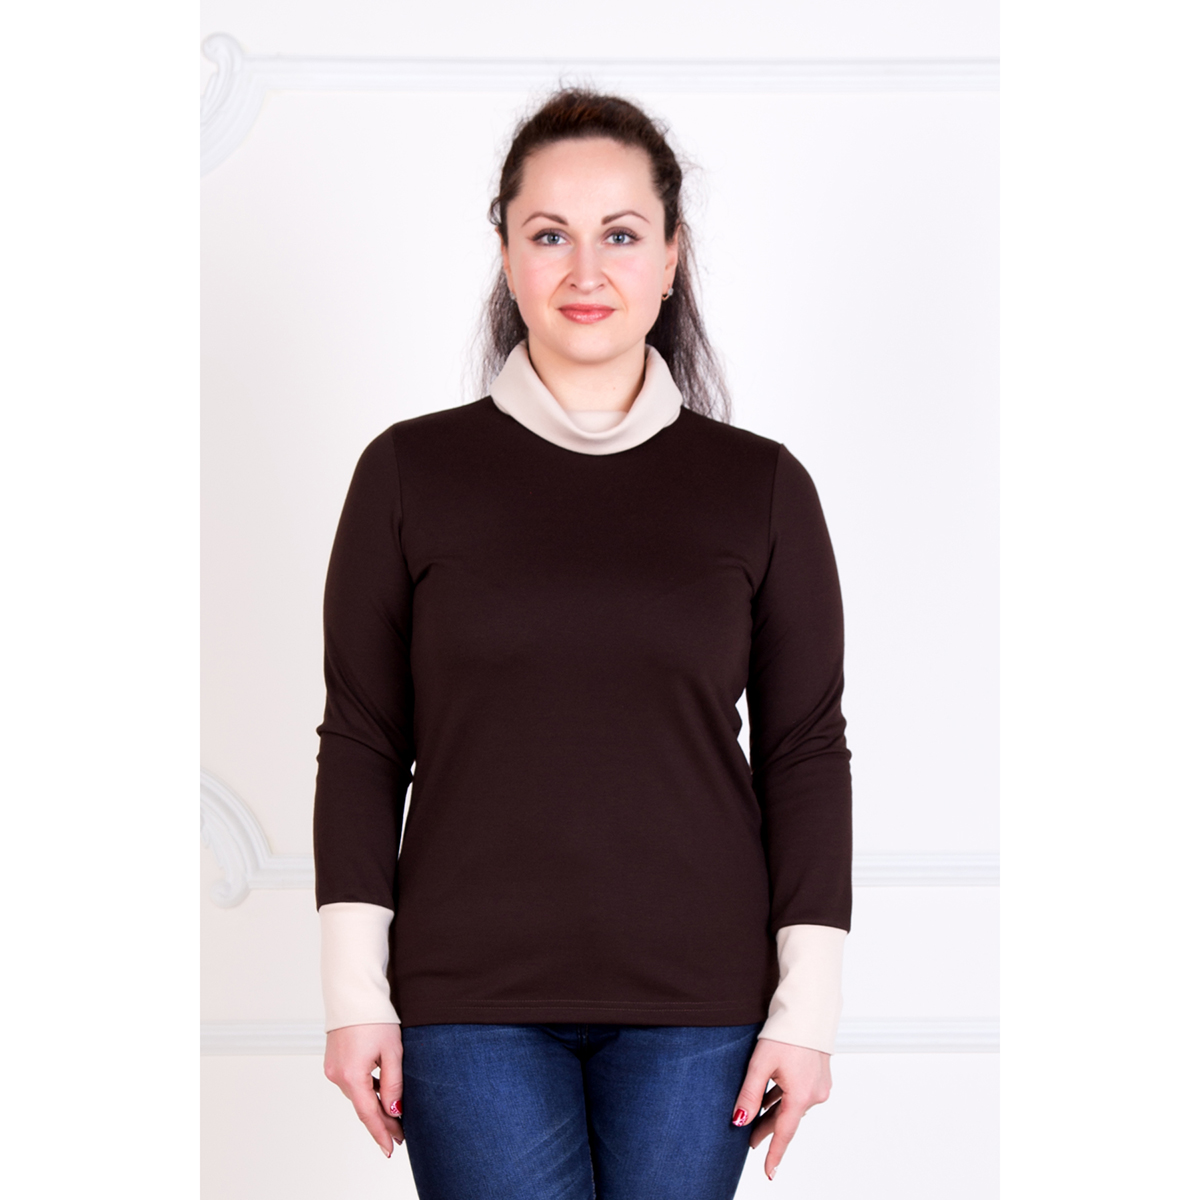 Женская блуза Стайл Темно-коричневый, размер 54Блузы<br>Обхват груди:108 см<br>Обхват талии:88 см<br>Обхват бедер:116 см<br>Рост:167 см<br><br>Тип: Жен. блуза<br>Размер: 54<br>Материал: Милано